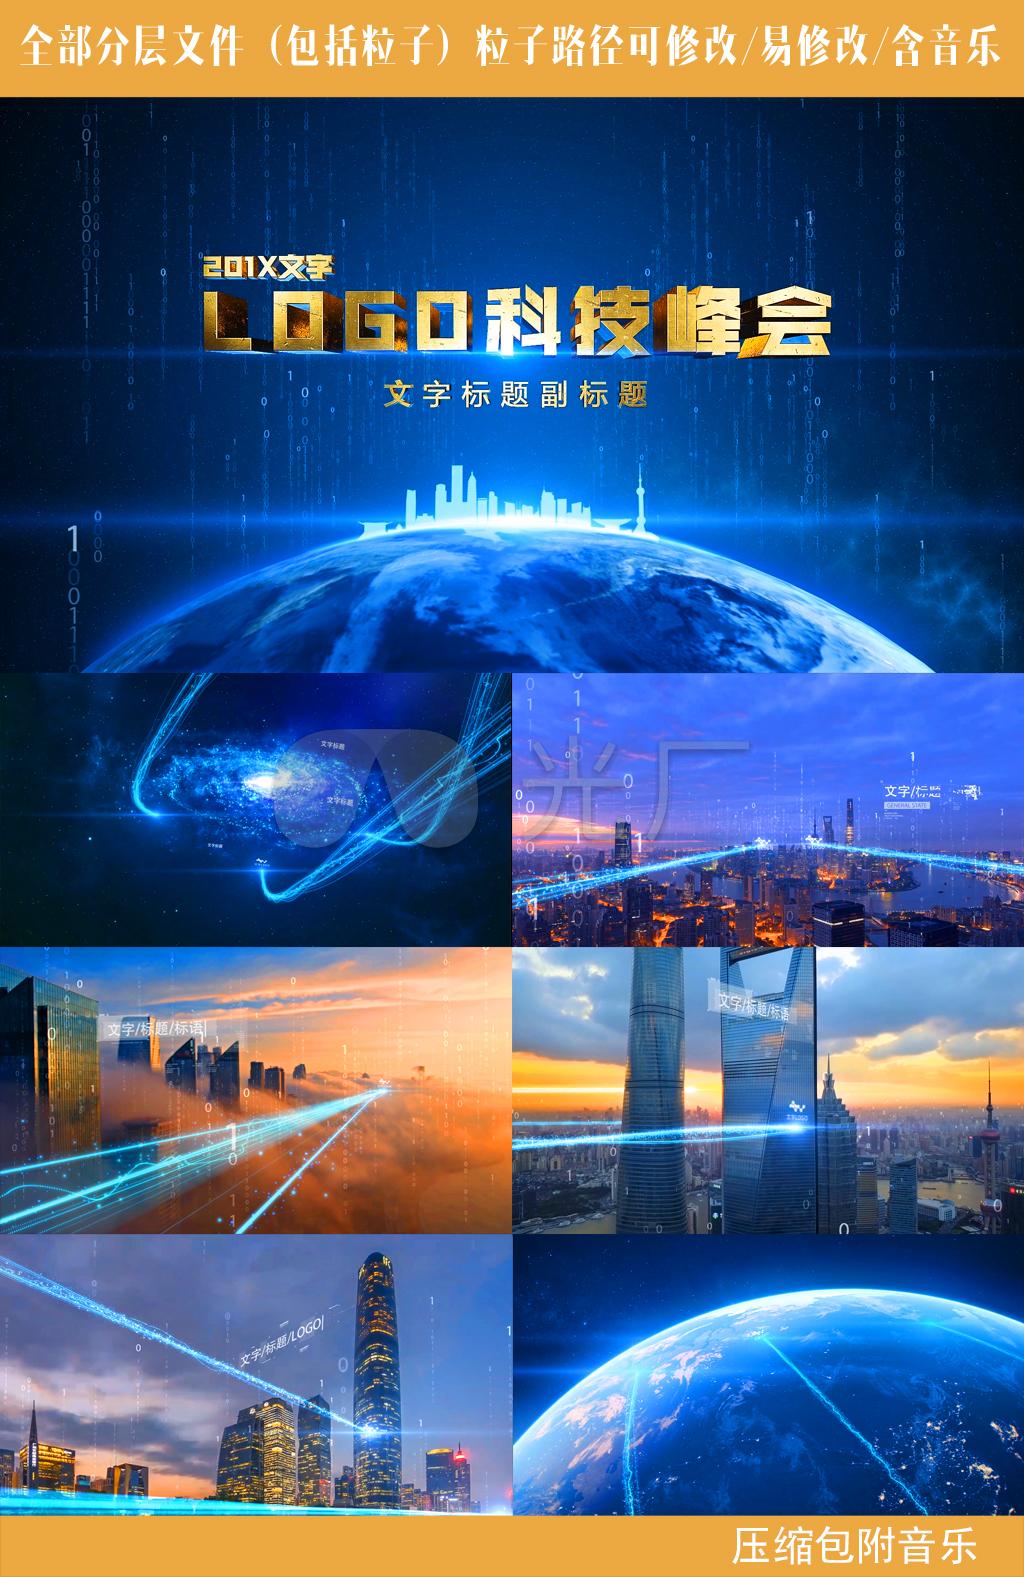 原创大气粒子光线科技城市AE模板